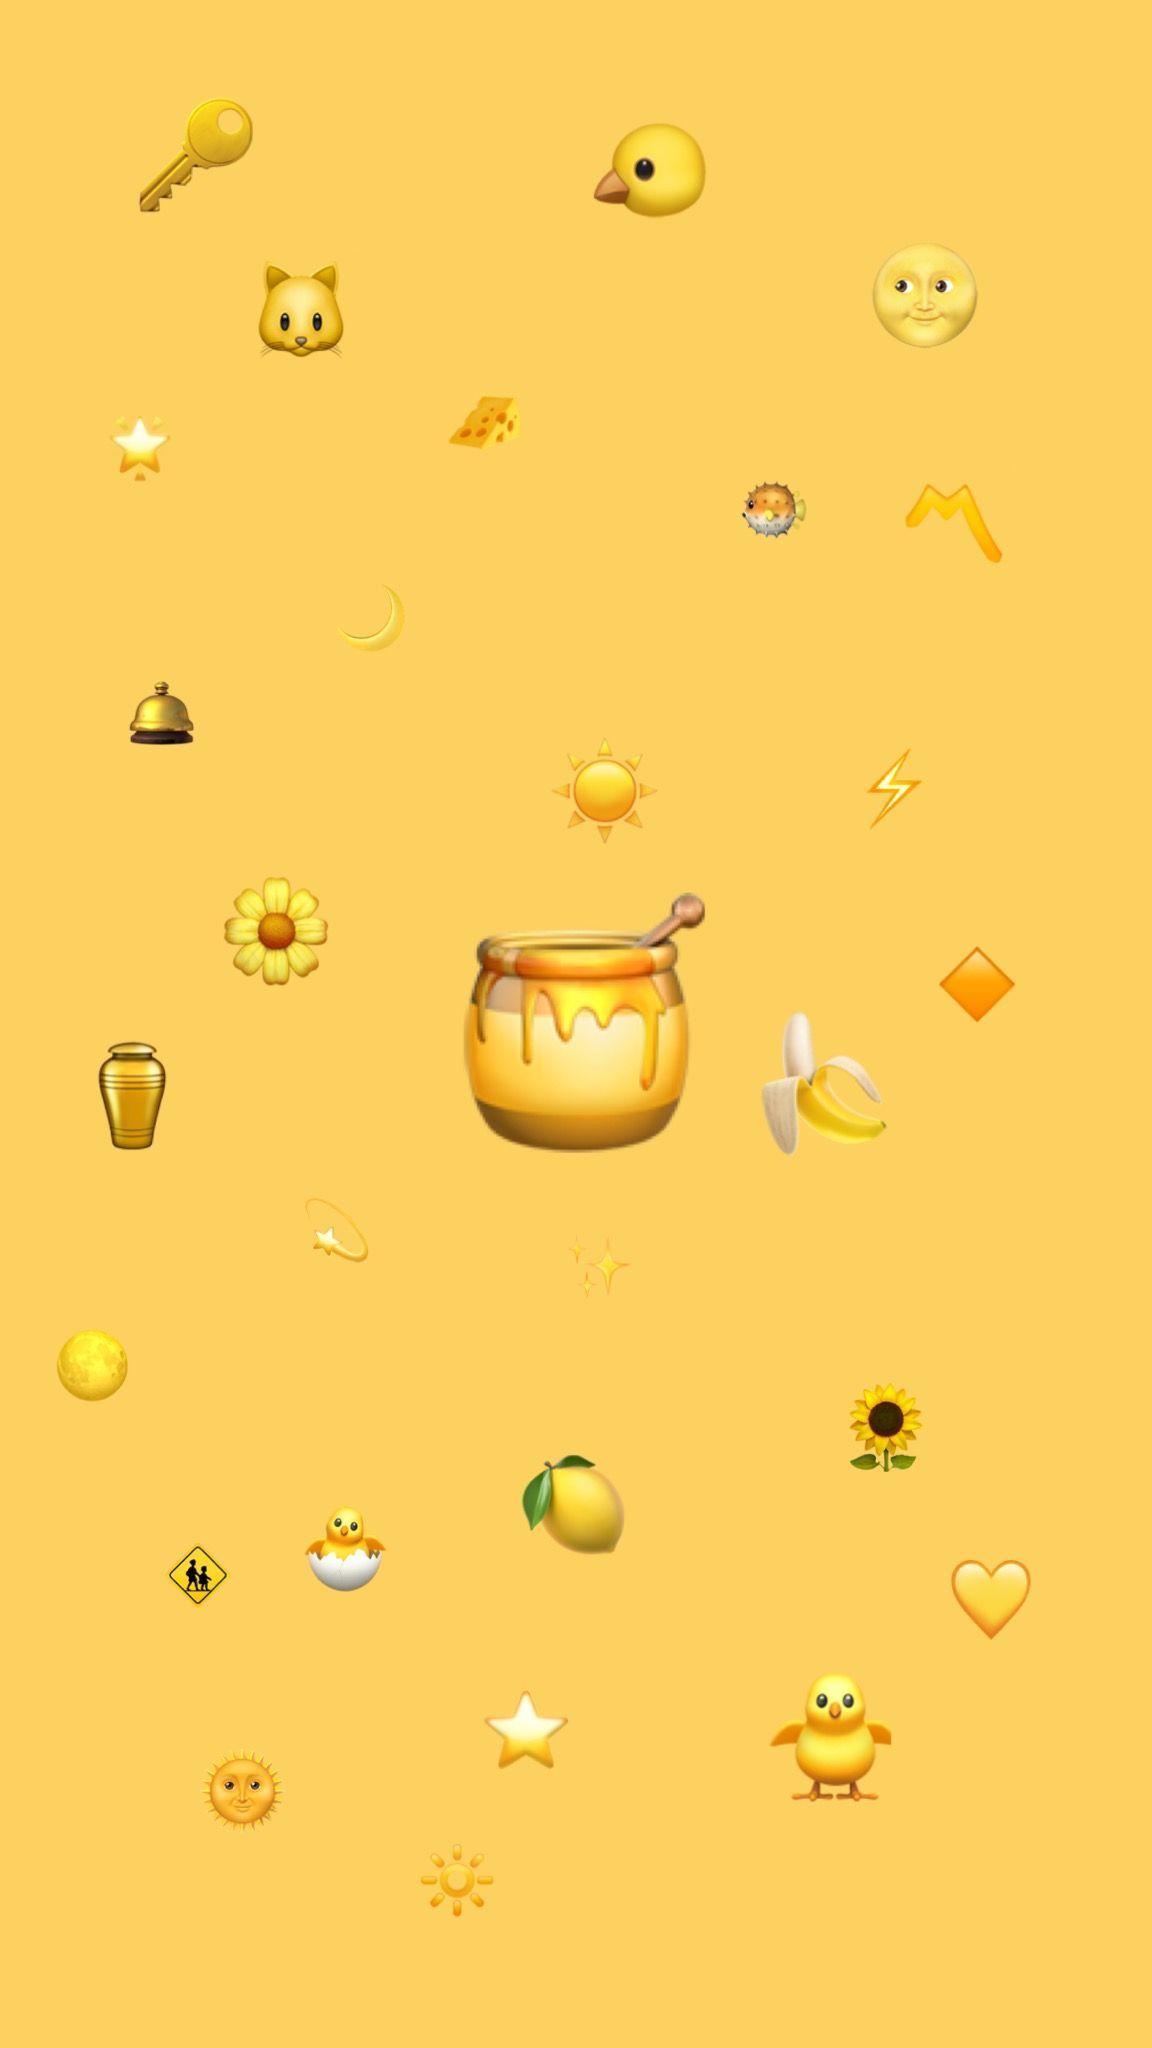 Emoji mustard yellow wallpaper #yellowaesthetic